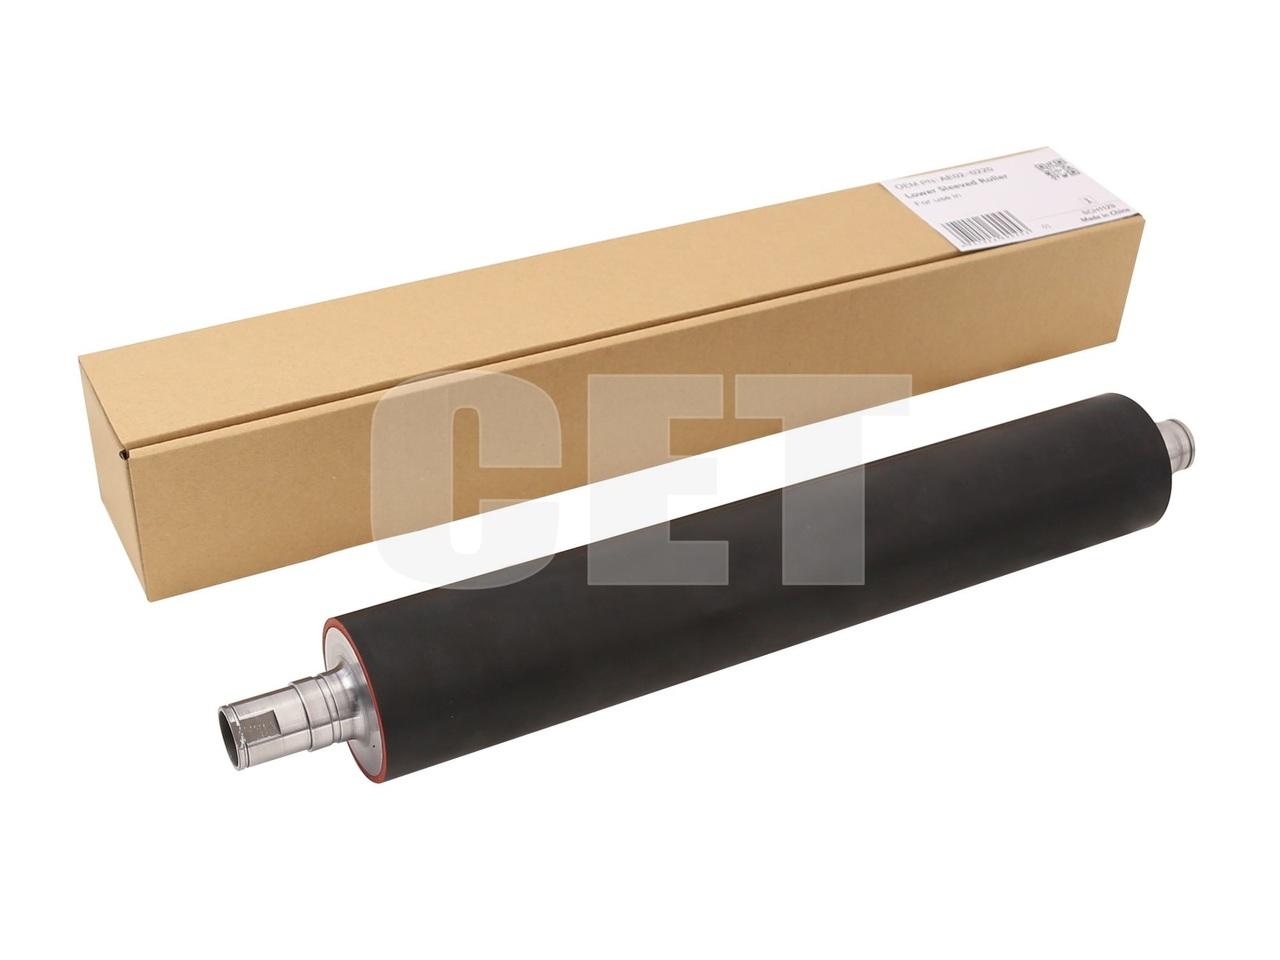 Прижимной вал AE02-0220 для RICOH Pro8100EX/8100se/8110s/8120s (CET), CET211002